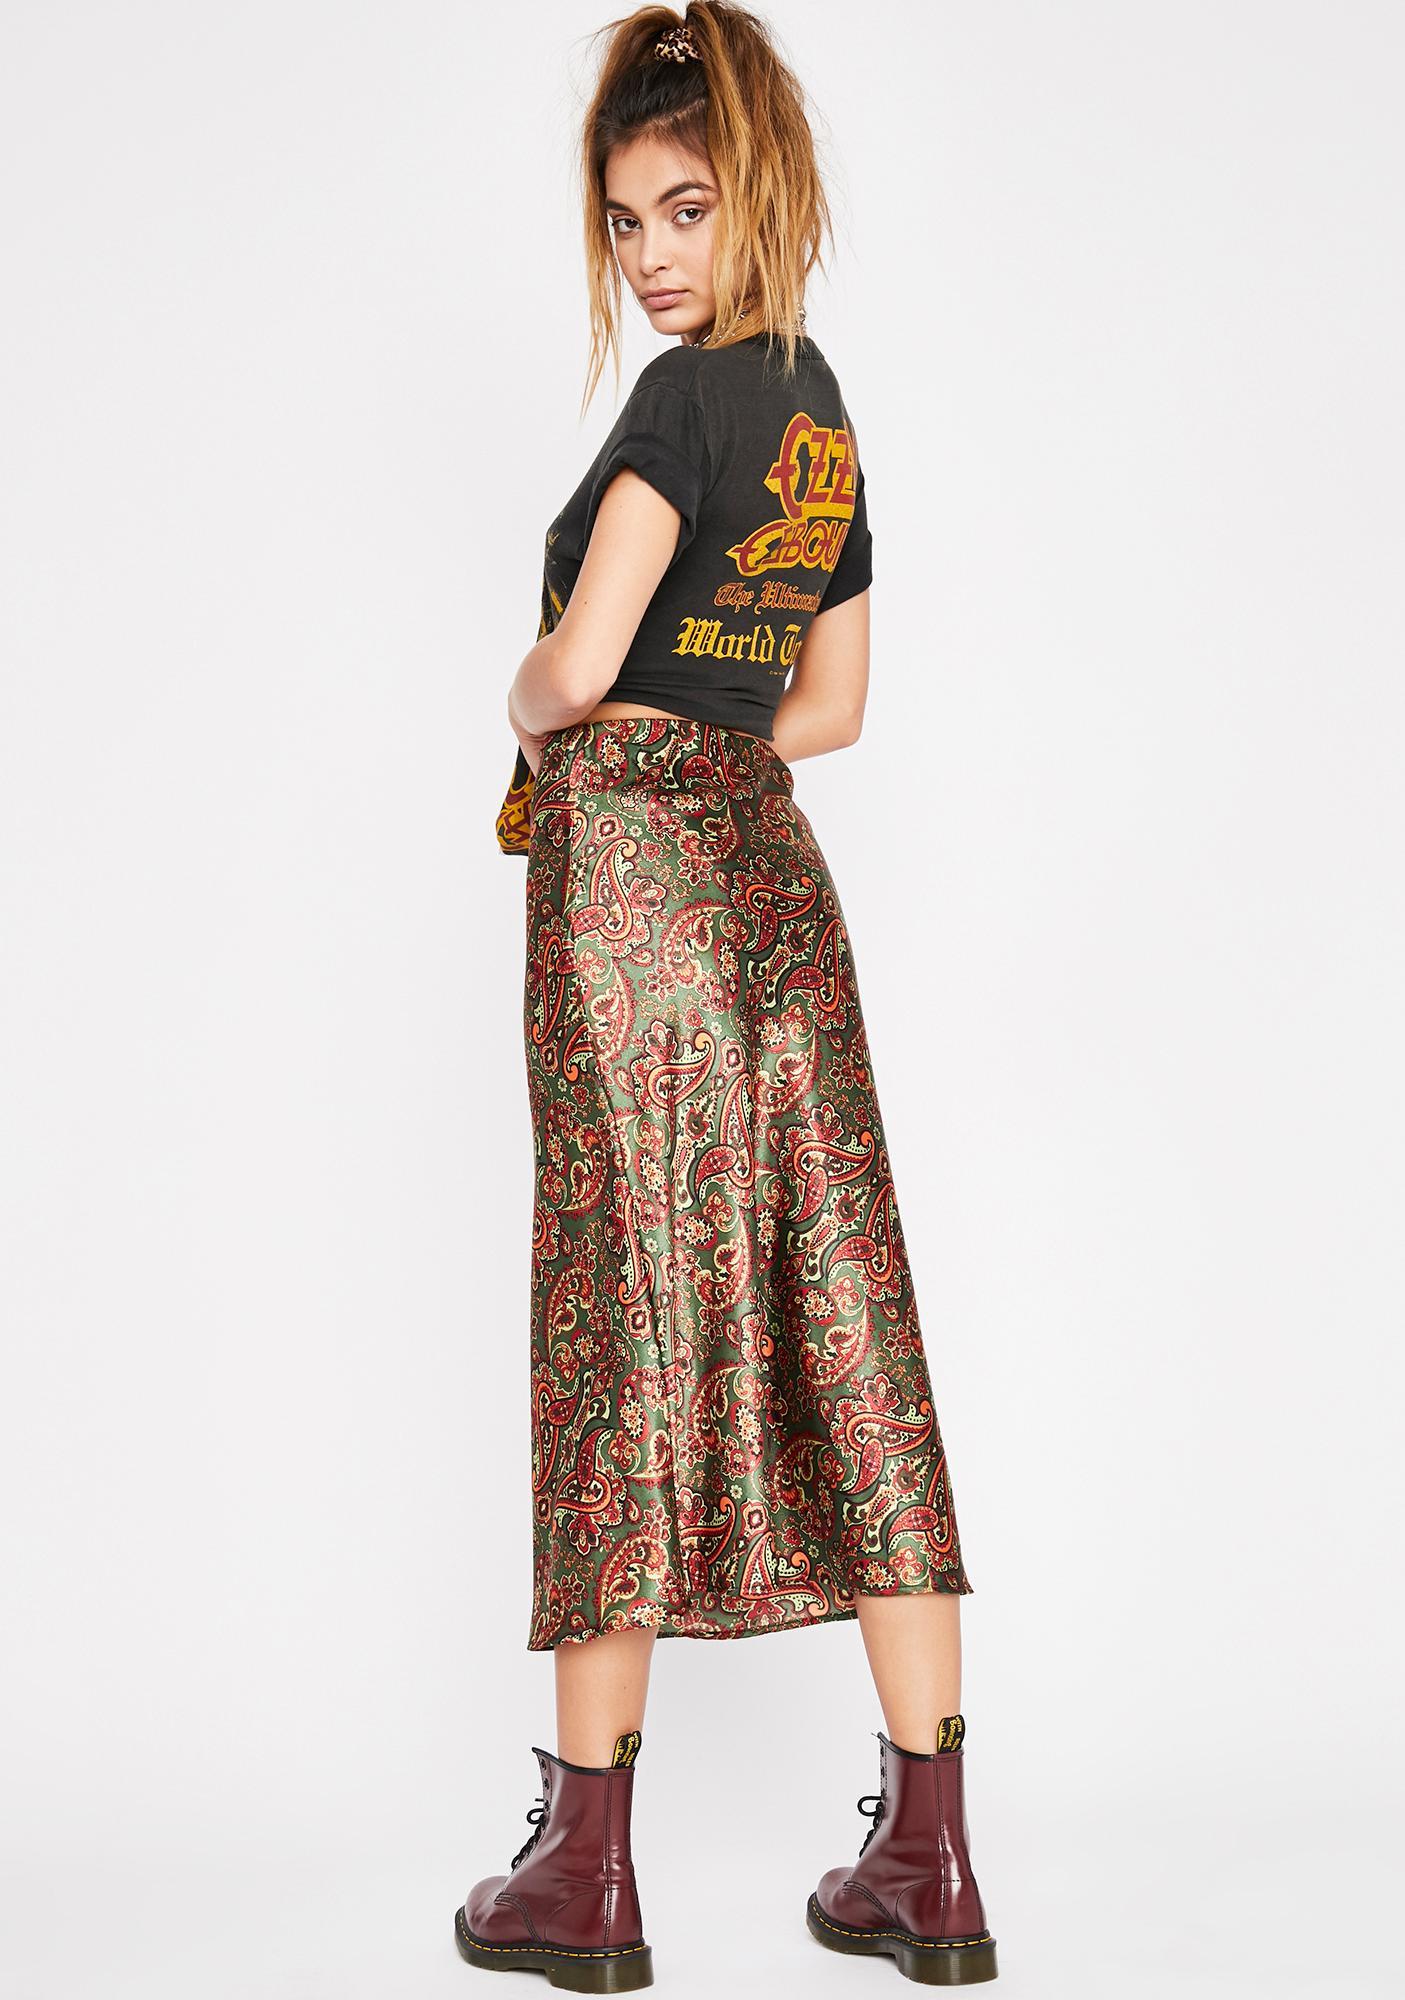 Olive Luxury Level Satin Skirt